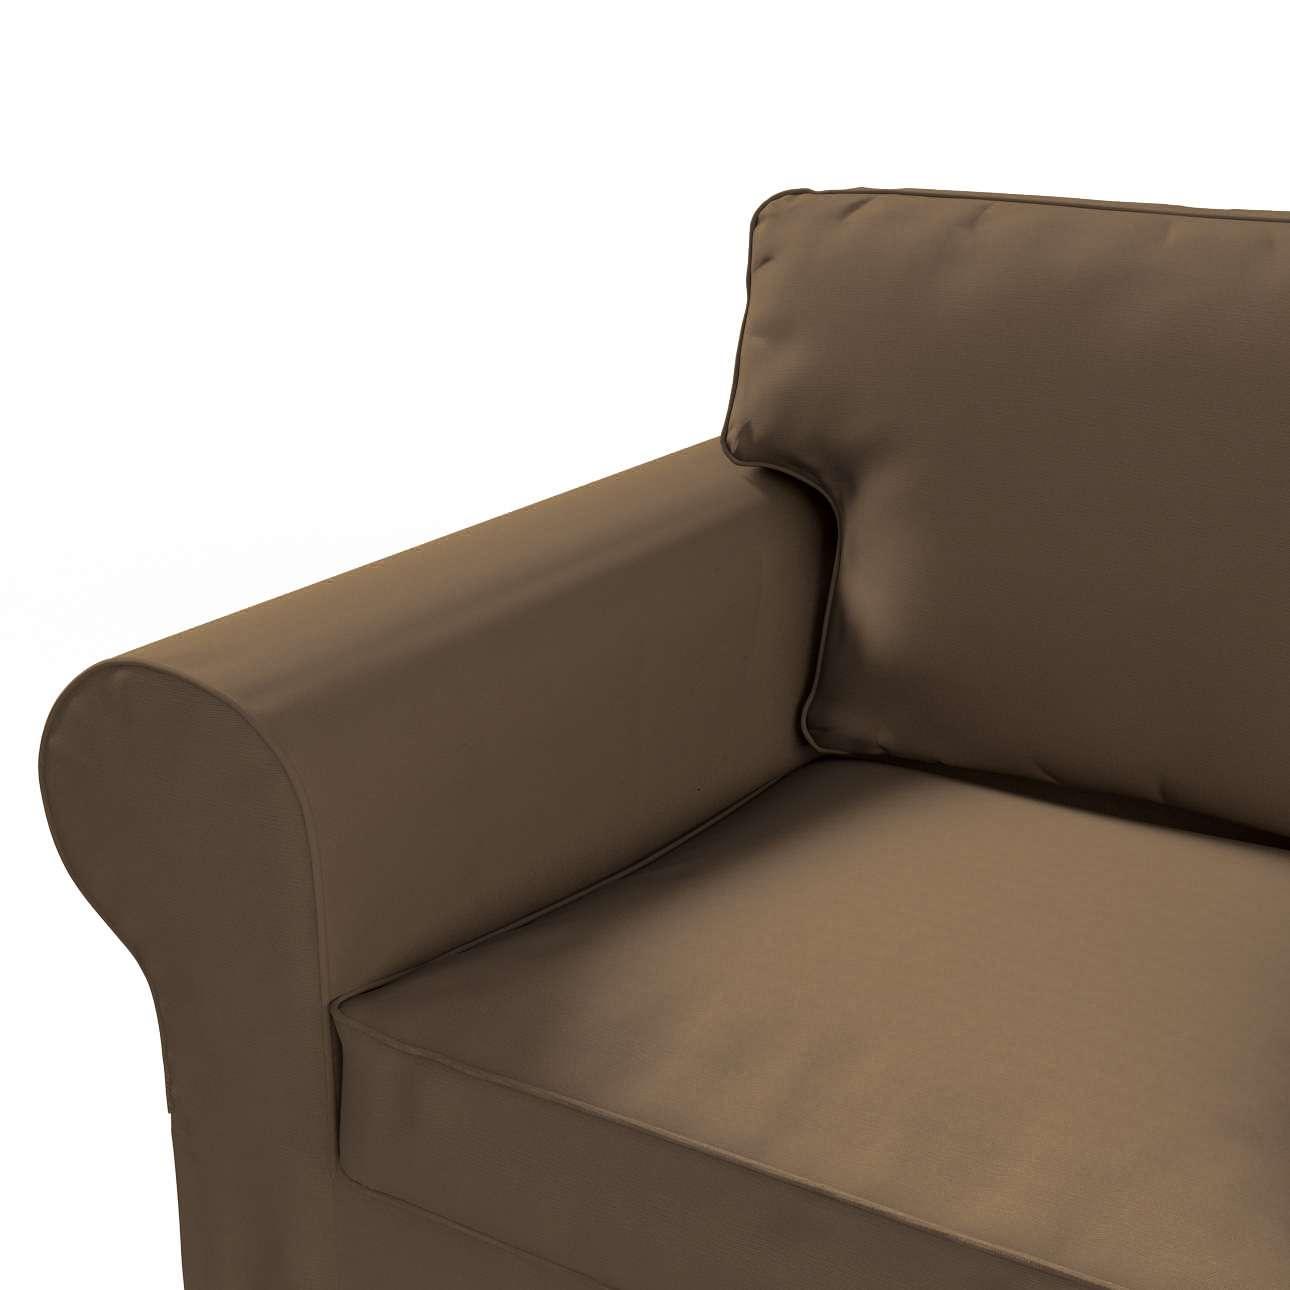 Pokrowiec na sofę Ektorp 2-osobową, nierozkładaną w kolekcji Cotton Panama, tkanina: 702-02